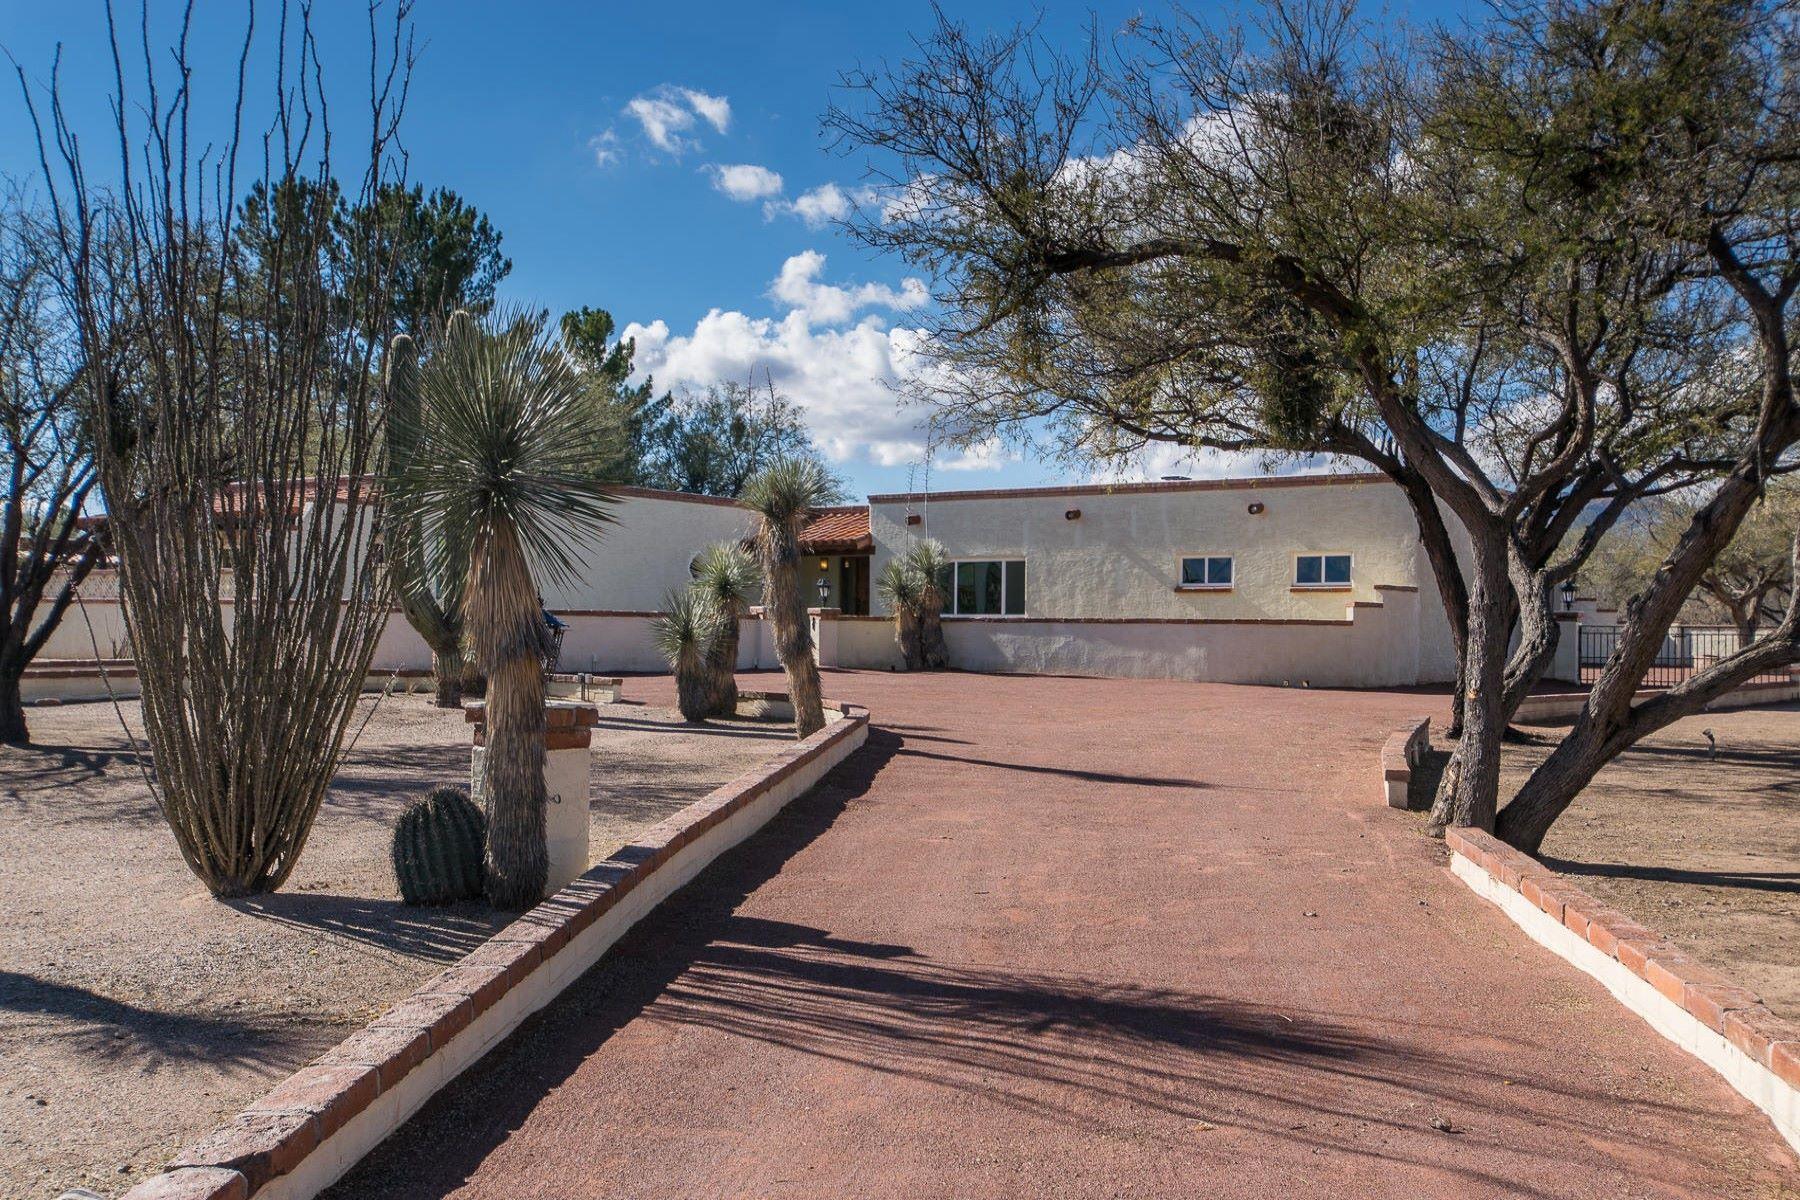 独户住宅 为 销售 在 Three bedroom home with views 2364 Camino Esplendido 图巴克, 亚利桑那州, 85646 美国